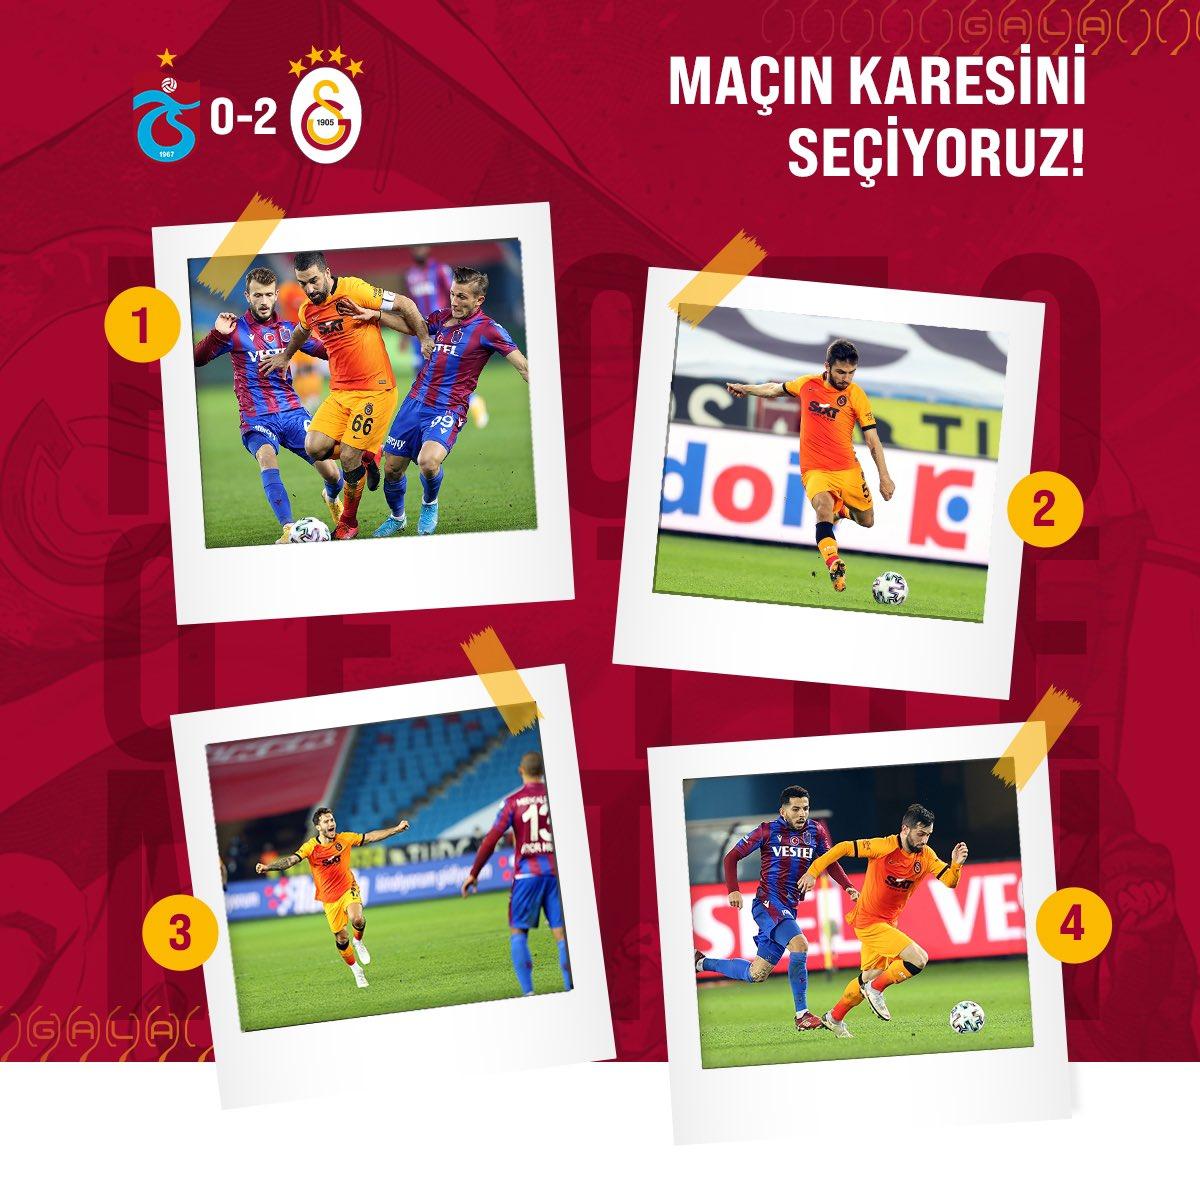 📸 Trabzonspor - #Galatasaray karşılaşmasının karesi sizce hangisi? ❓🤔  #TSvGS